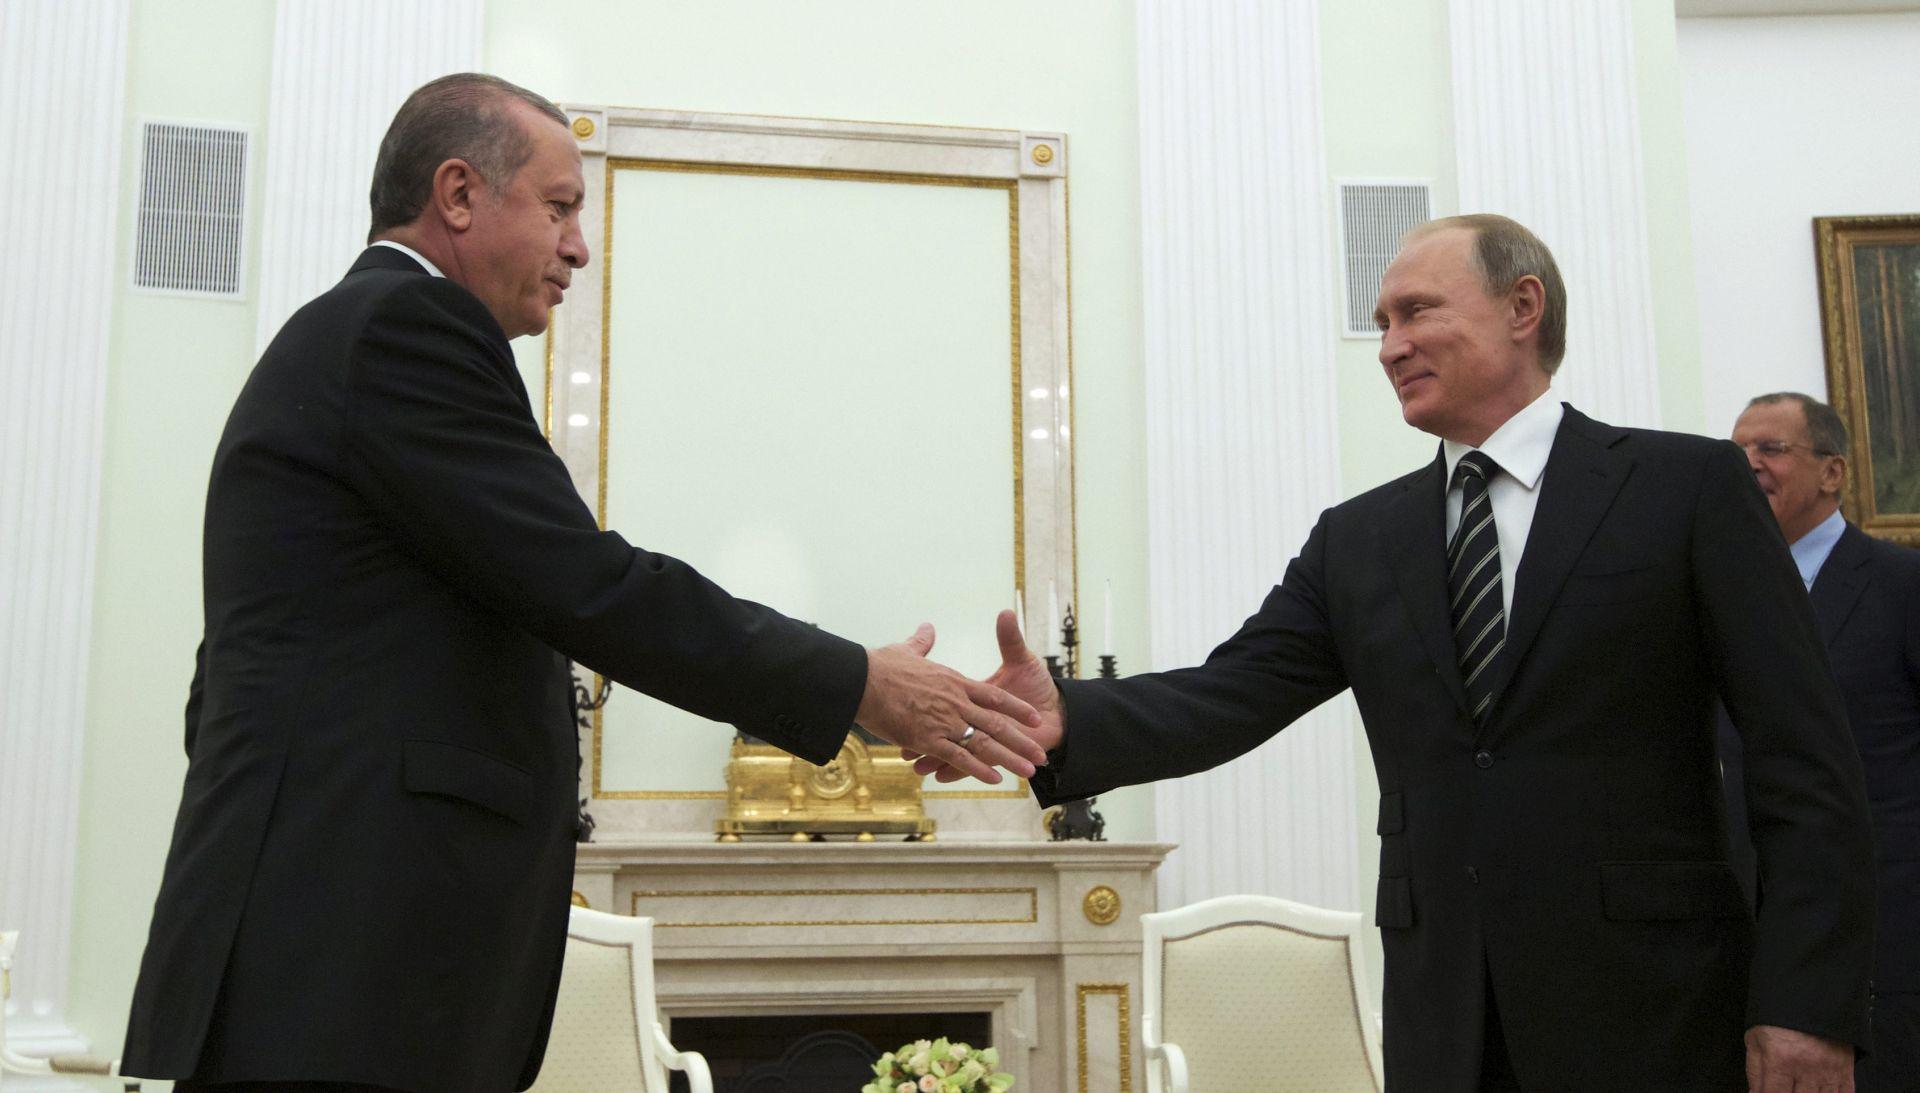 UPAD U TURSKI ZRAČNI PROSTOR Rusija: Riječ je o navigacijskoj grešci, sve smo izgladili s Ankarom